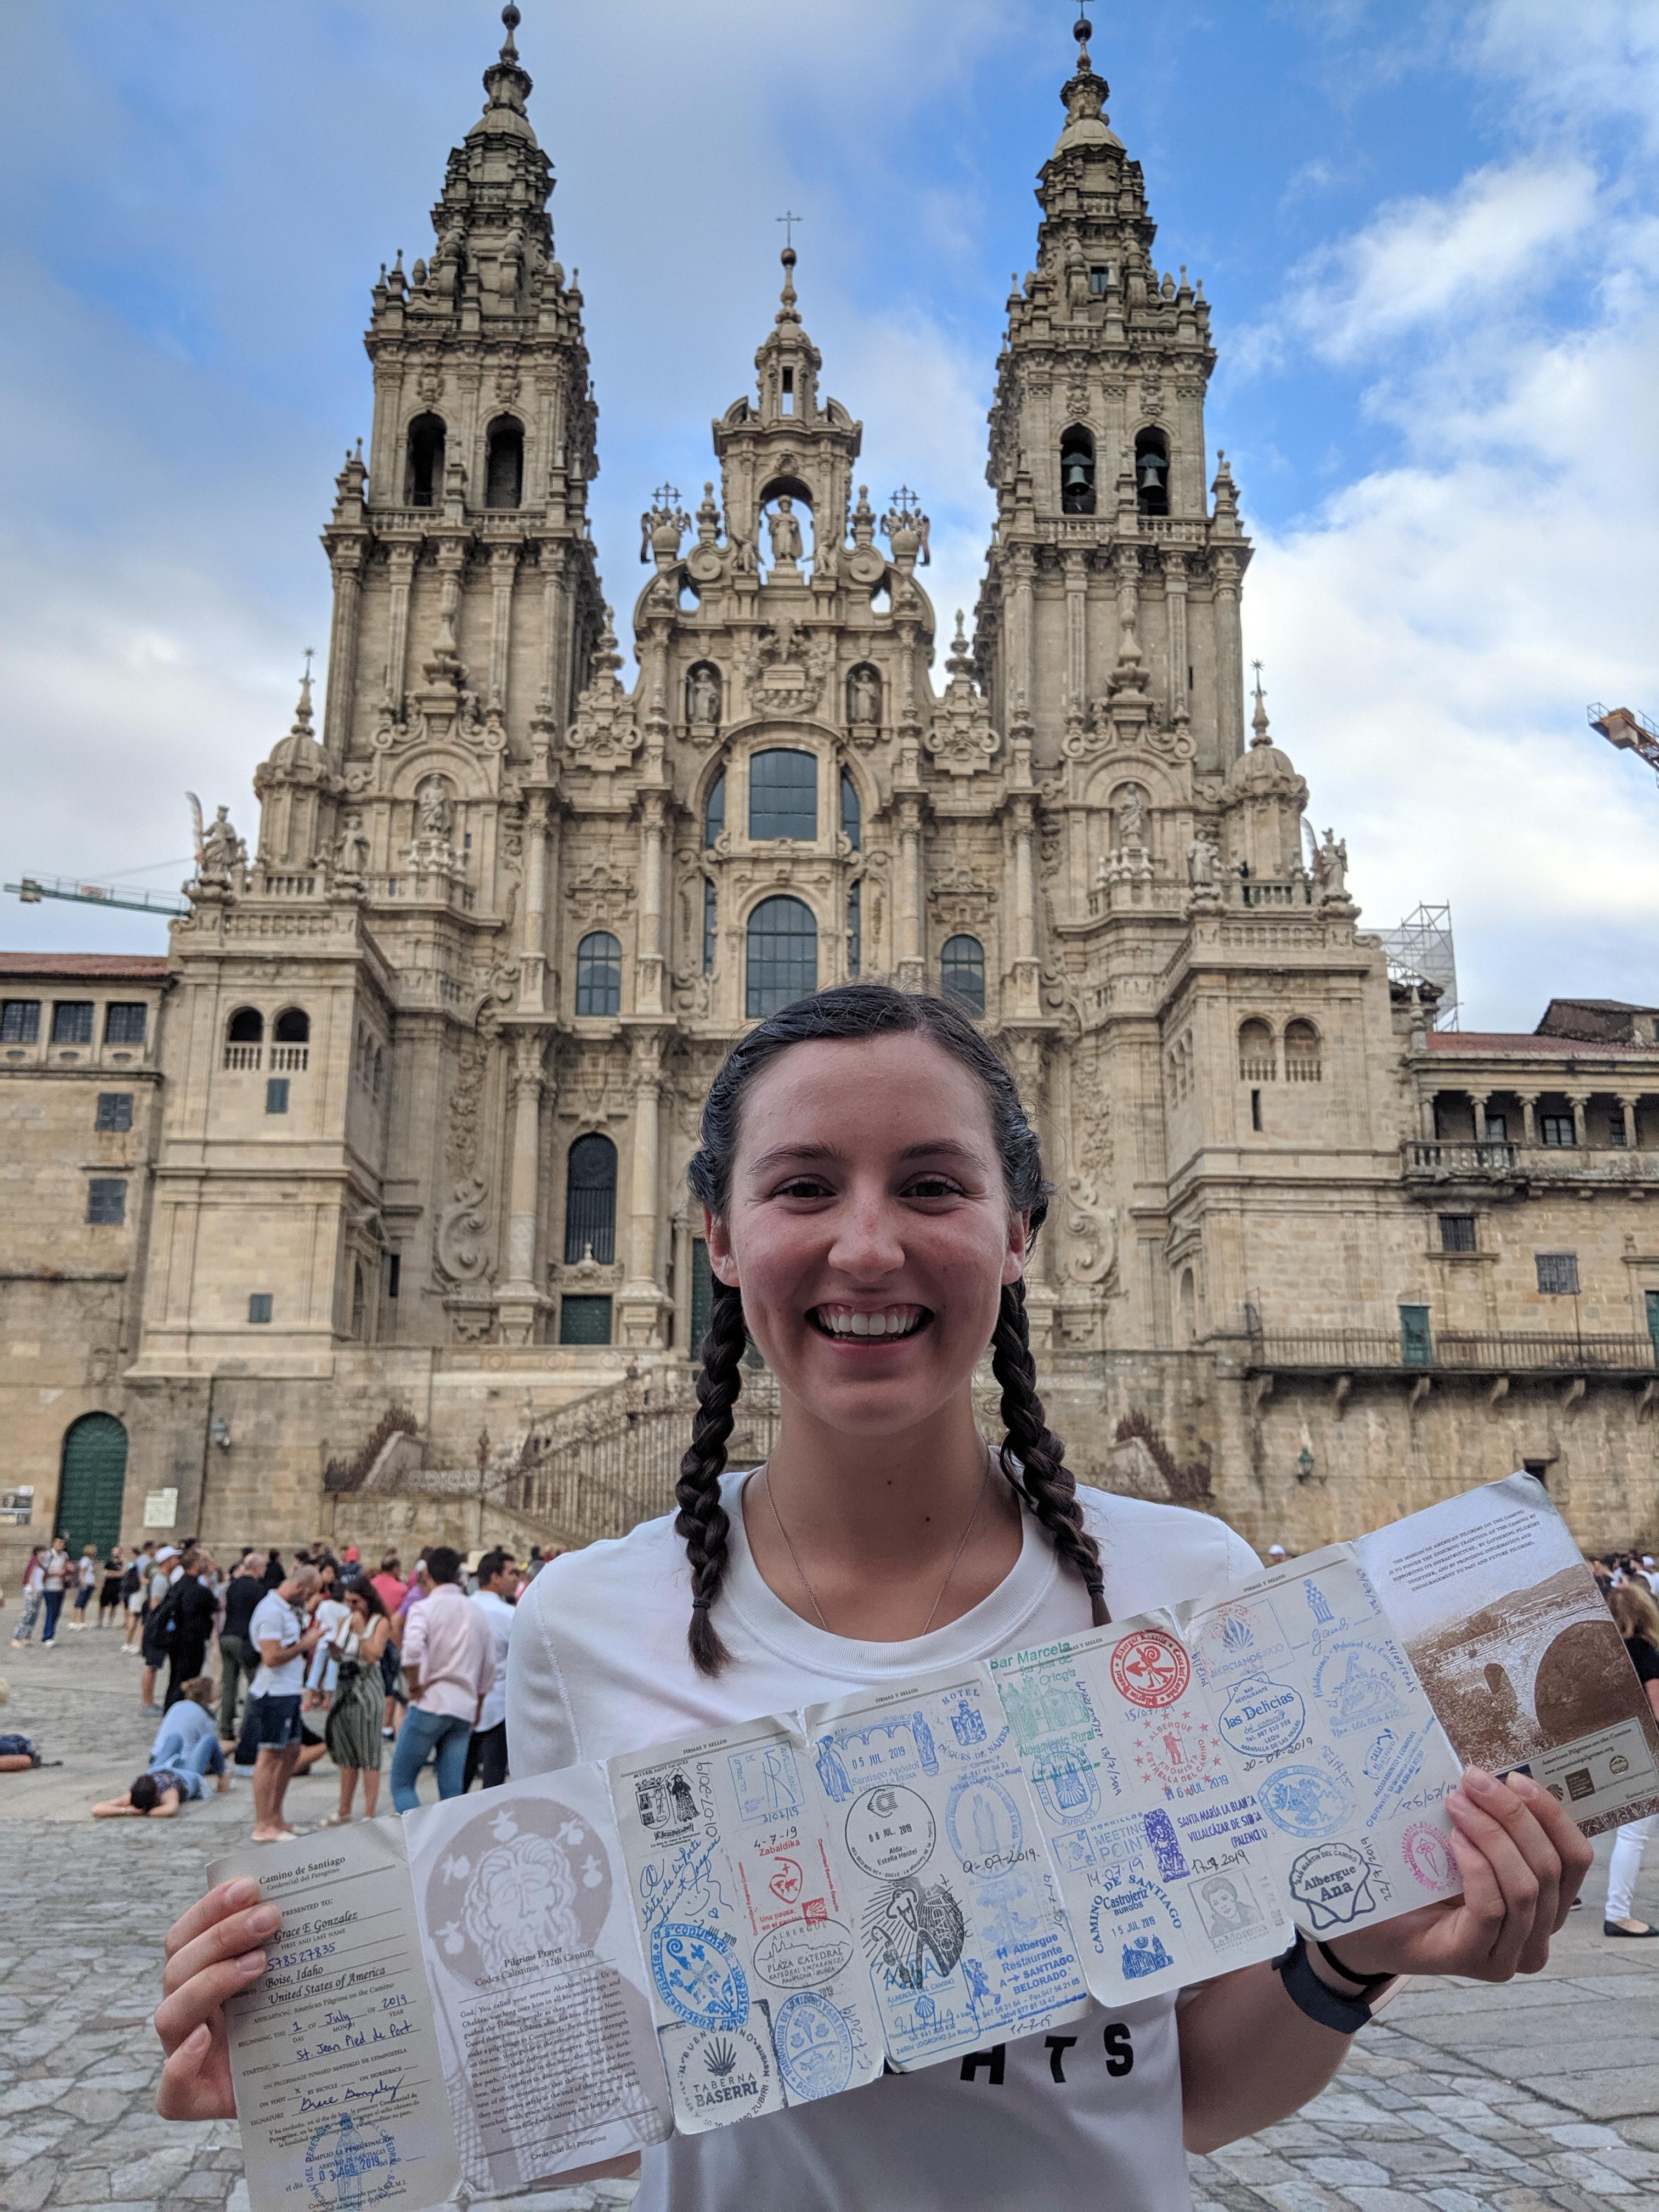 pilgrim passport, pilgrim credential, sellos